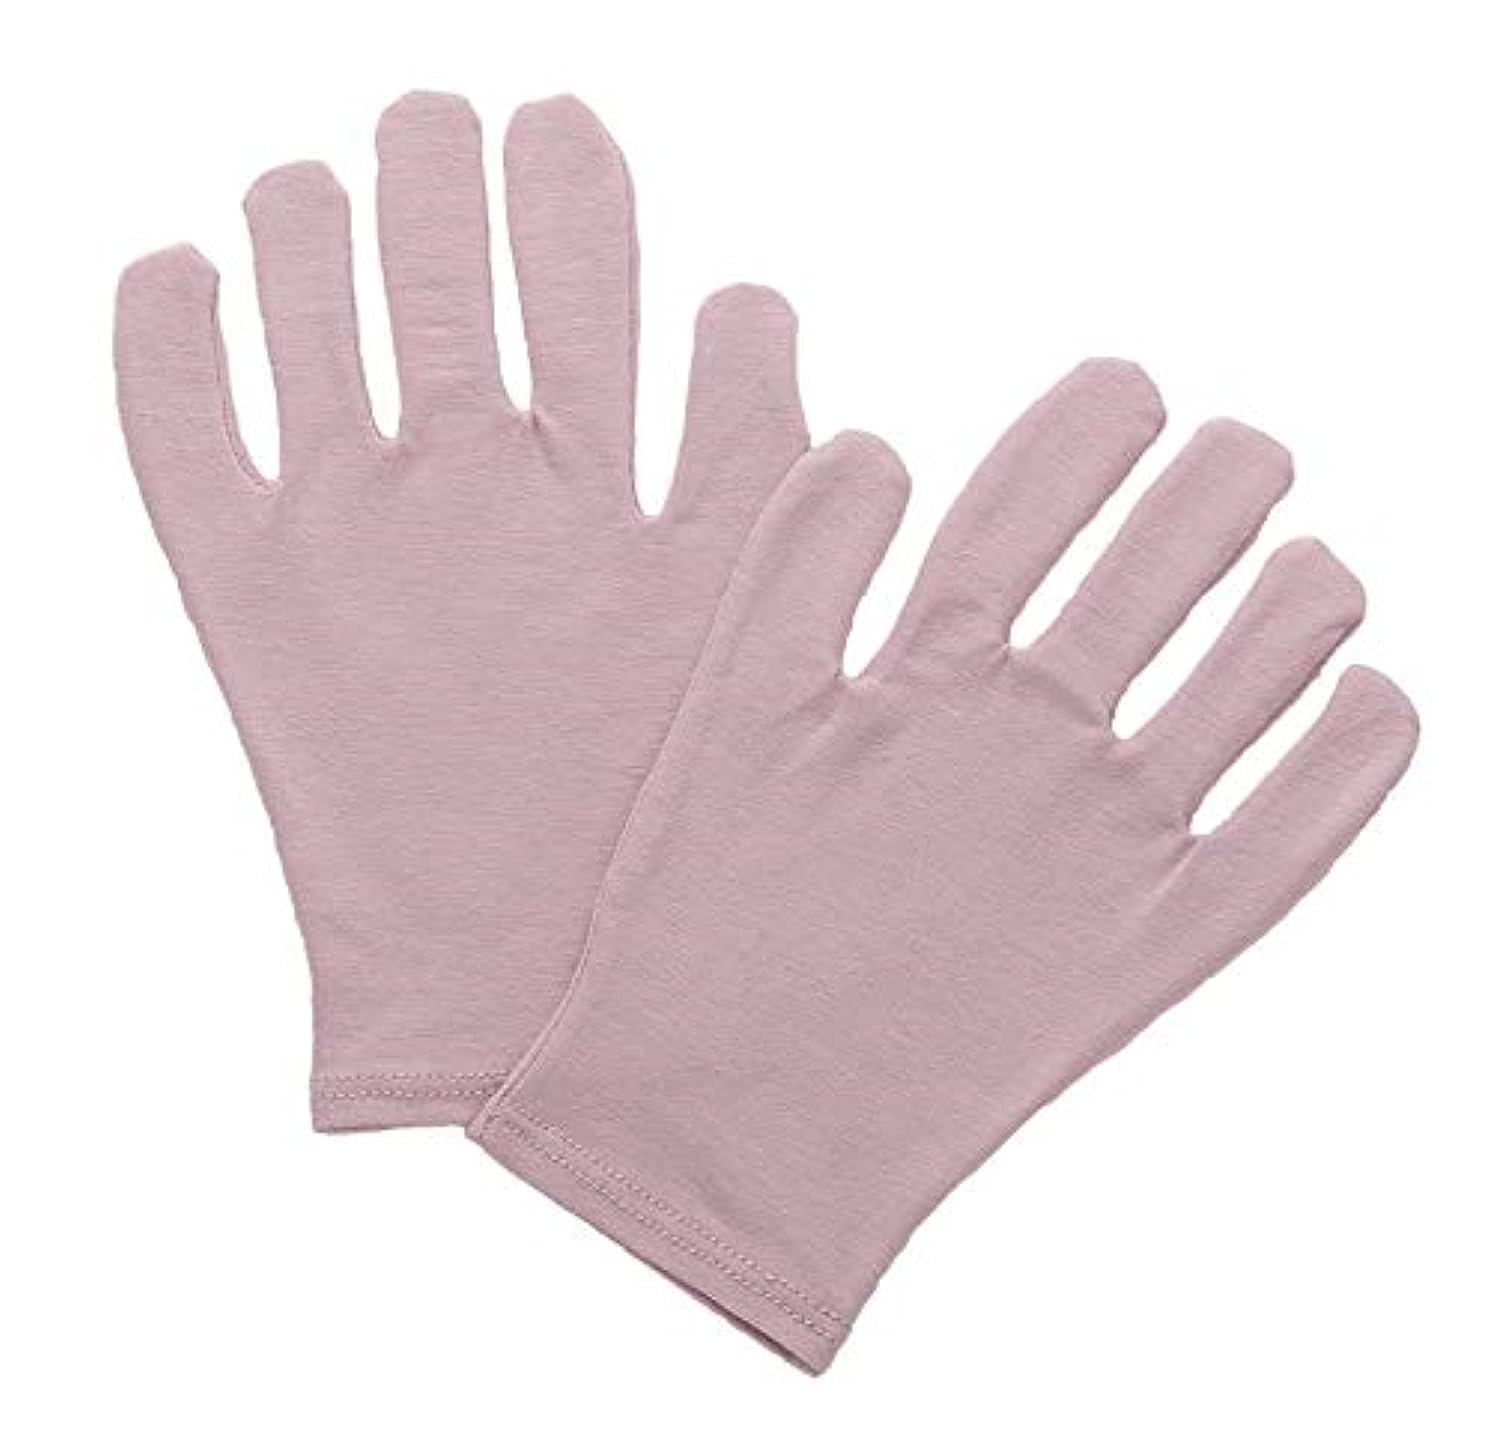 クリーク周術期文化椿オイル配合 スキンケア おやすみ手袋 在庫処分 お買い得品